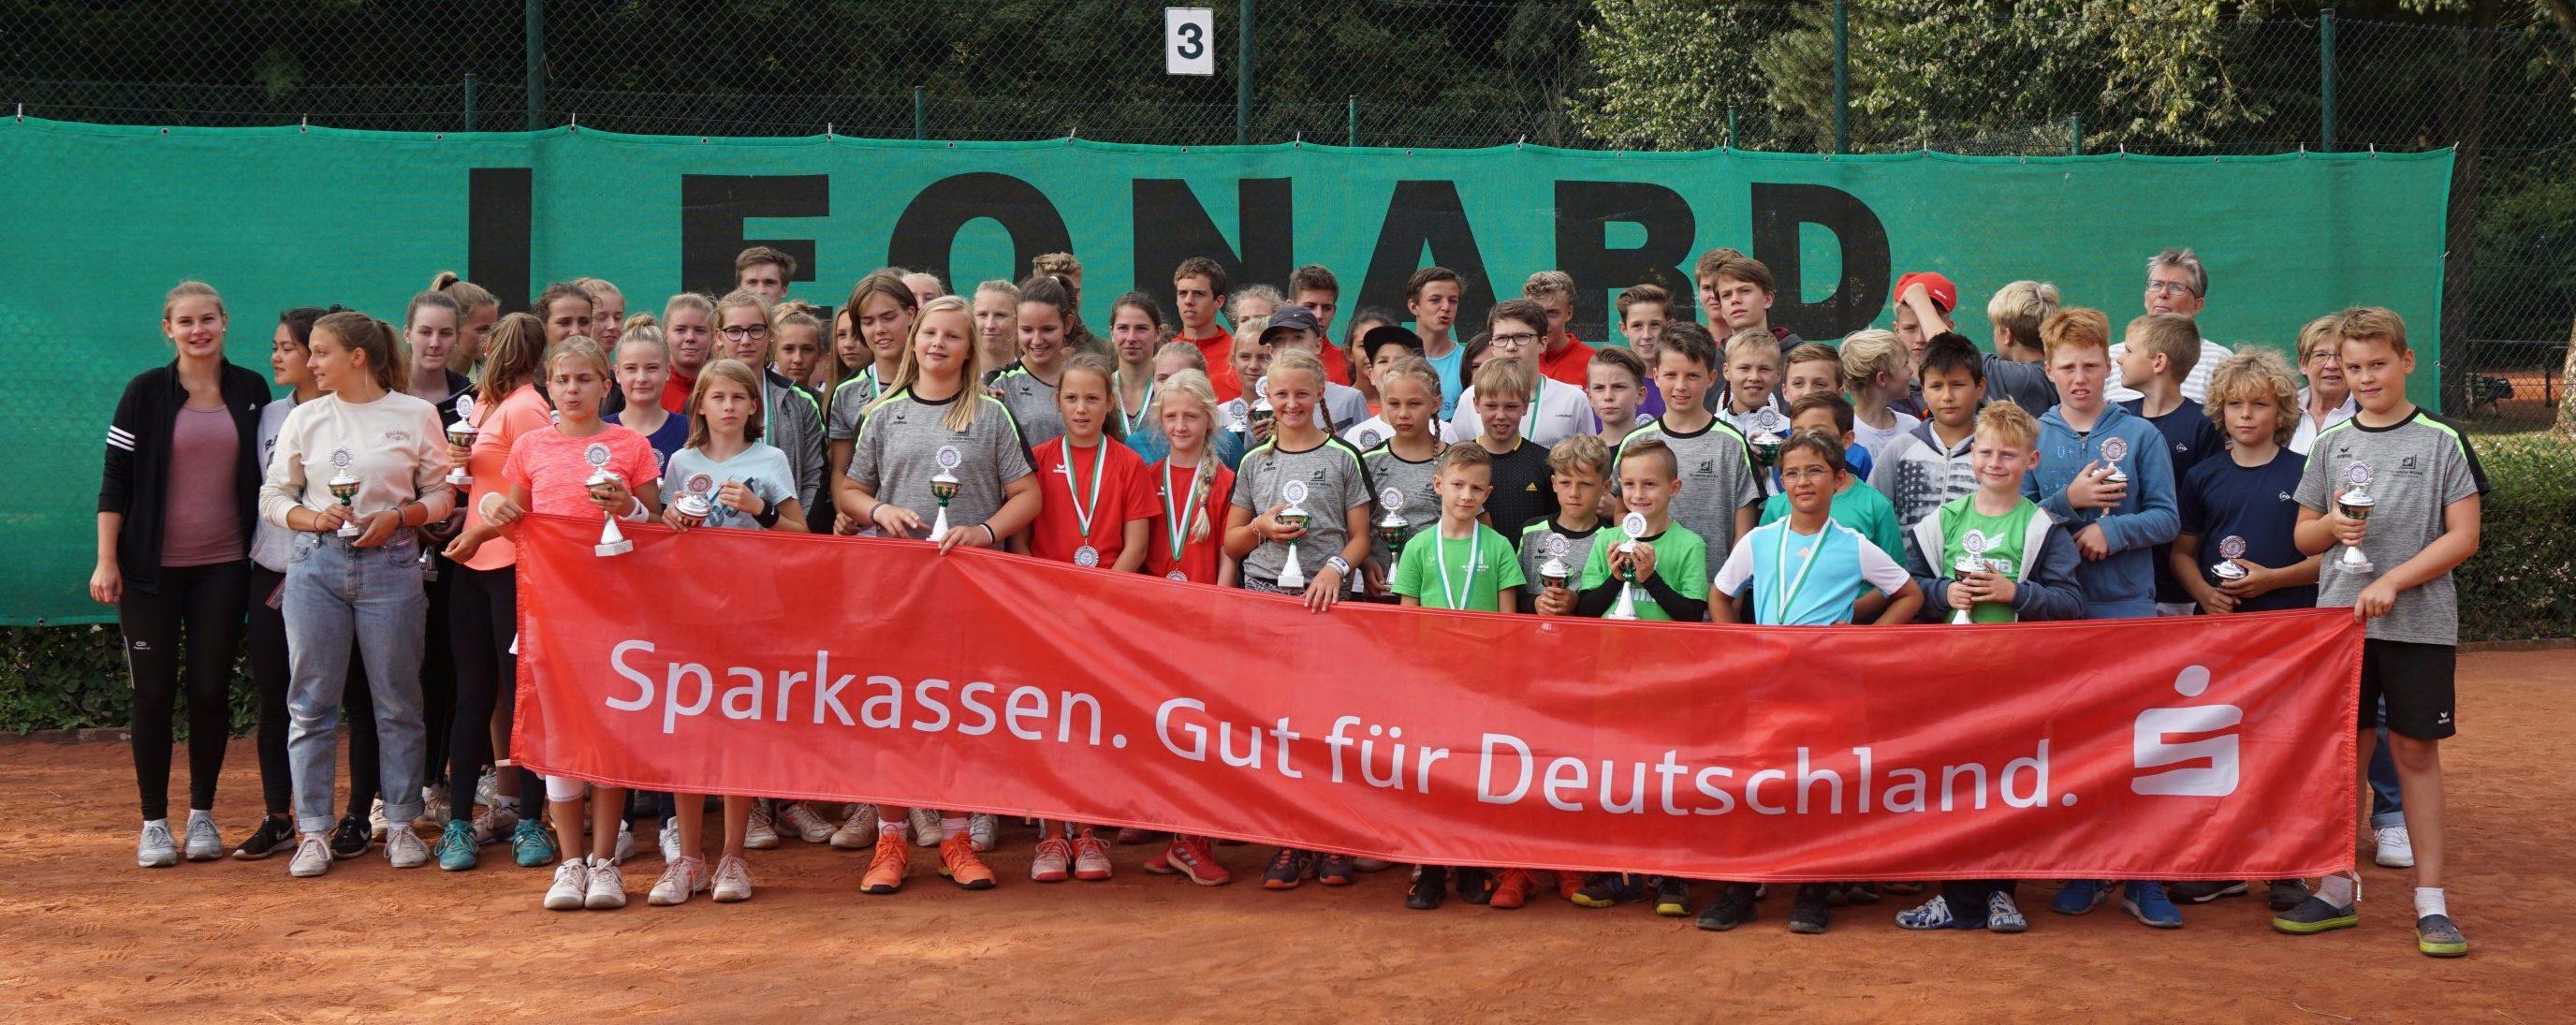 DOPPEL-Kreismeisterschaften JUGEND am 27.08.2018